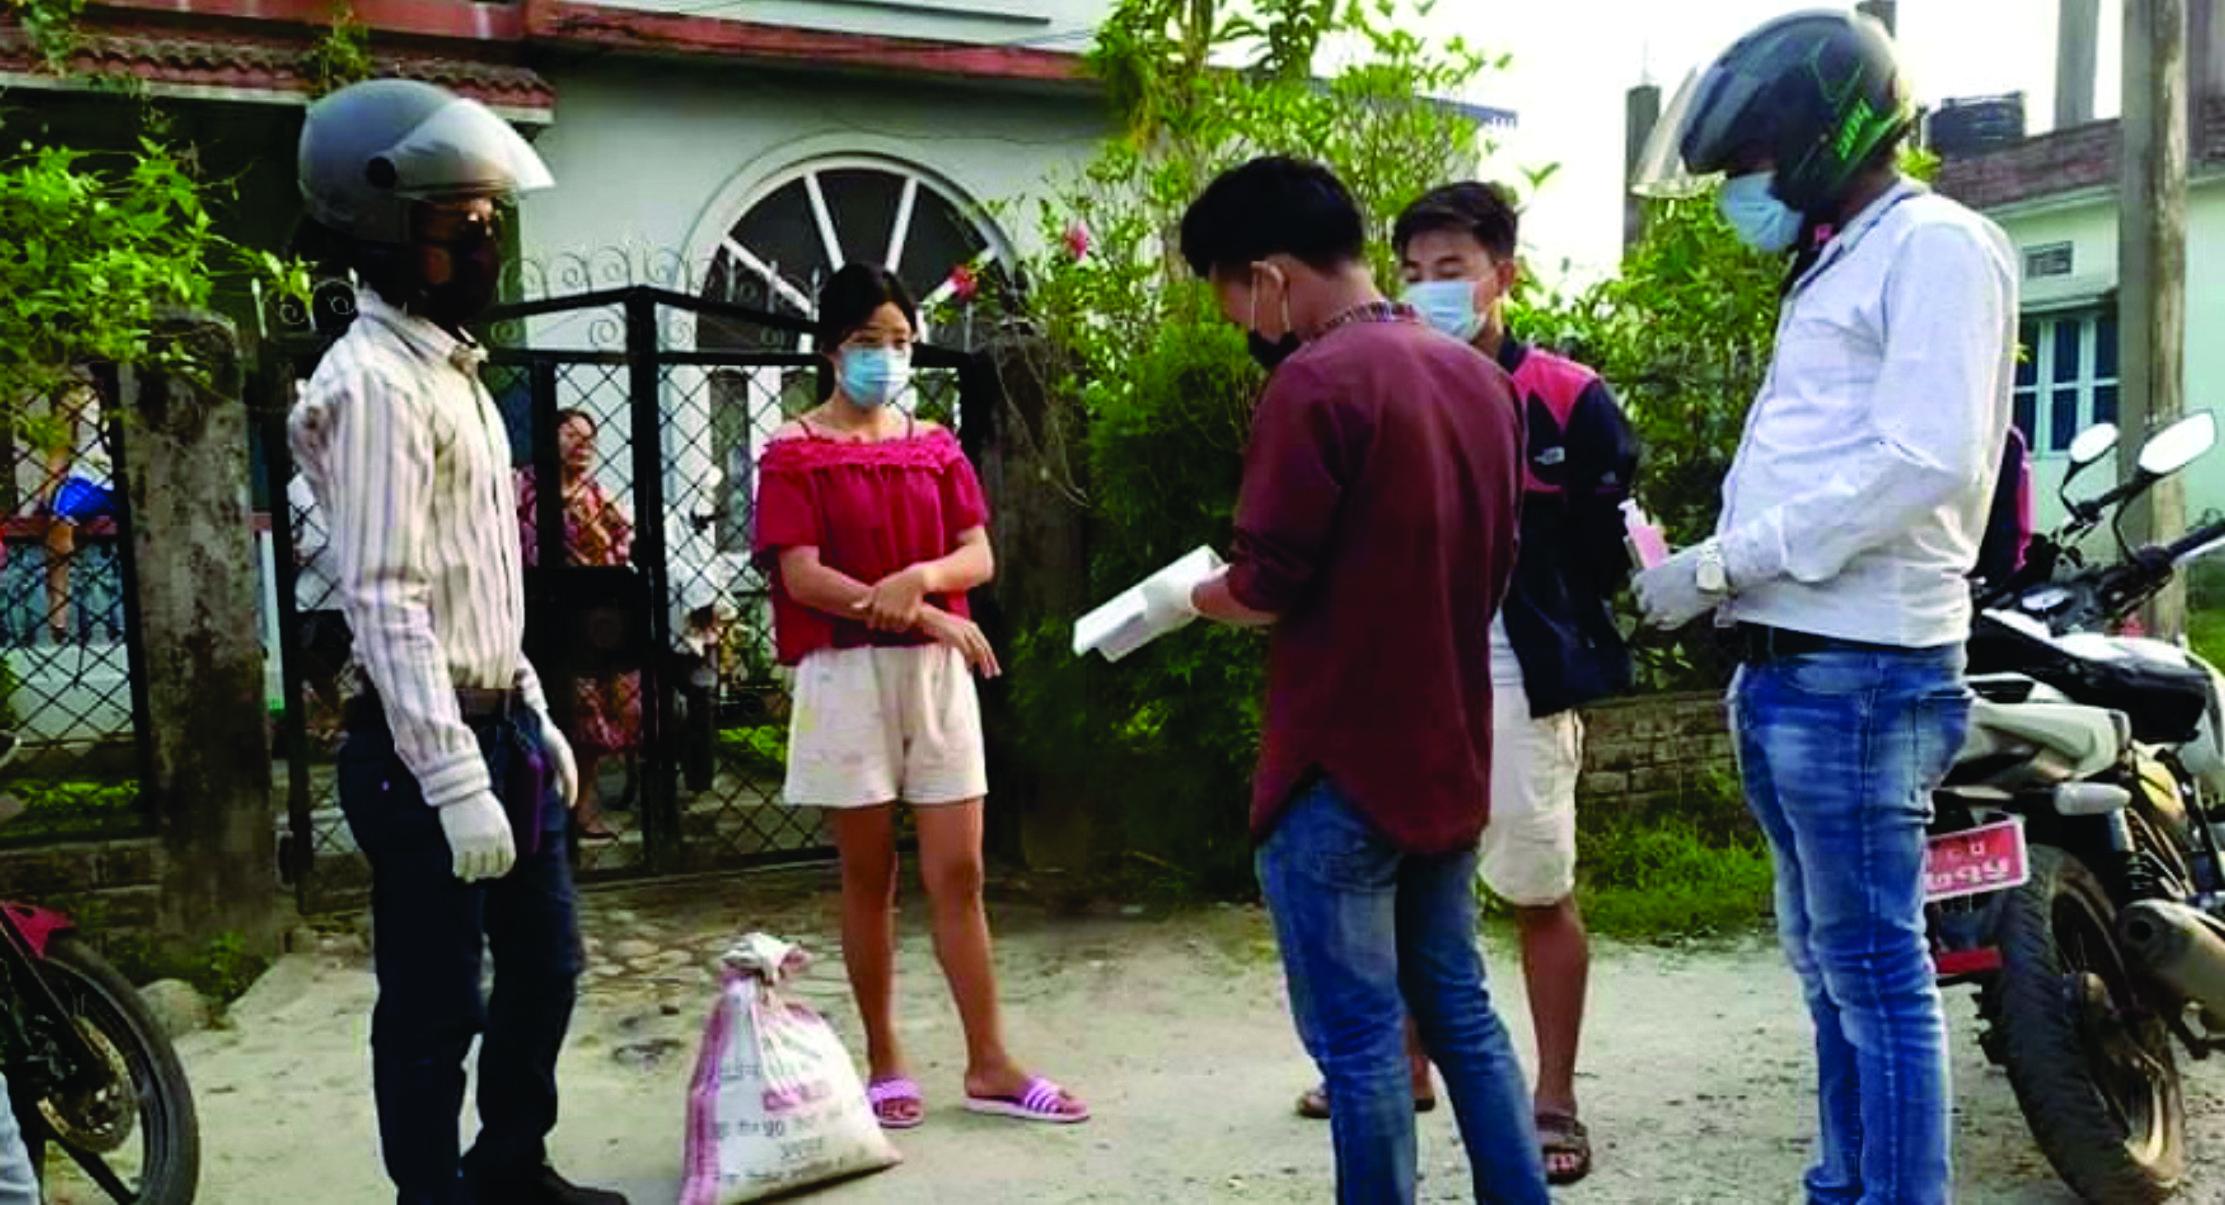 दमकमा डेरा गरी बस्ने विद्यार्थीहरूका लागि राहत वितरण